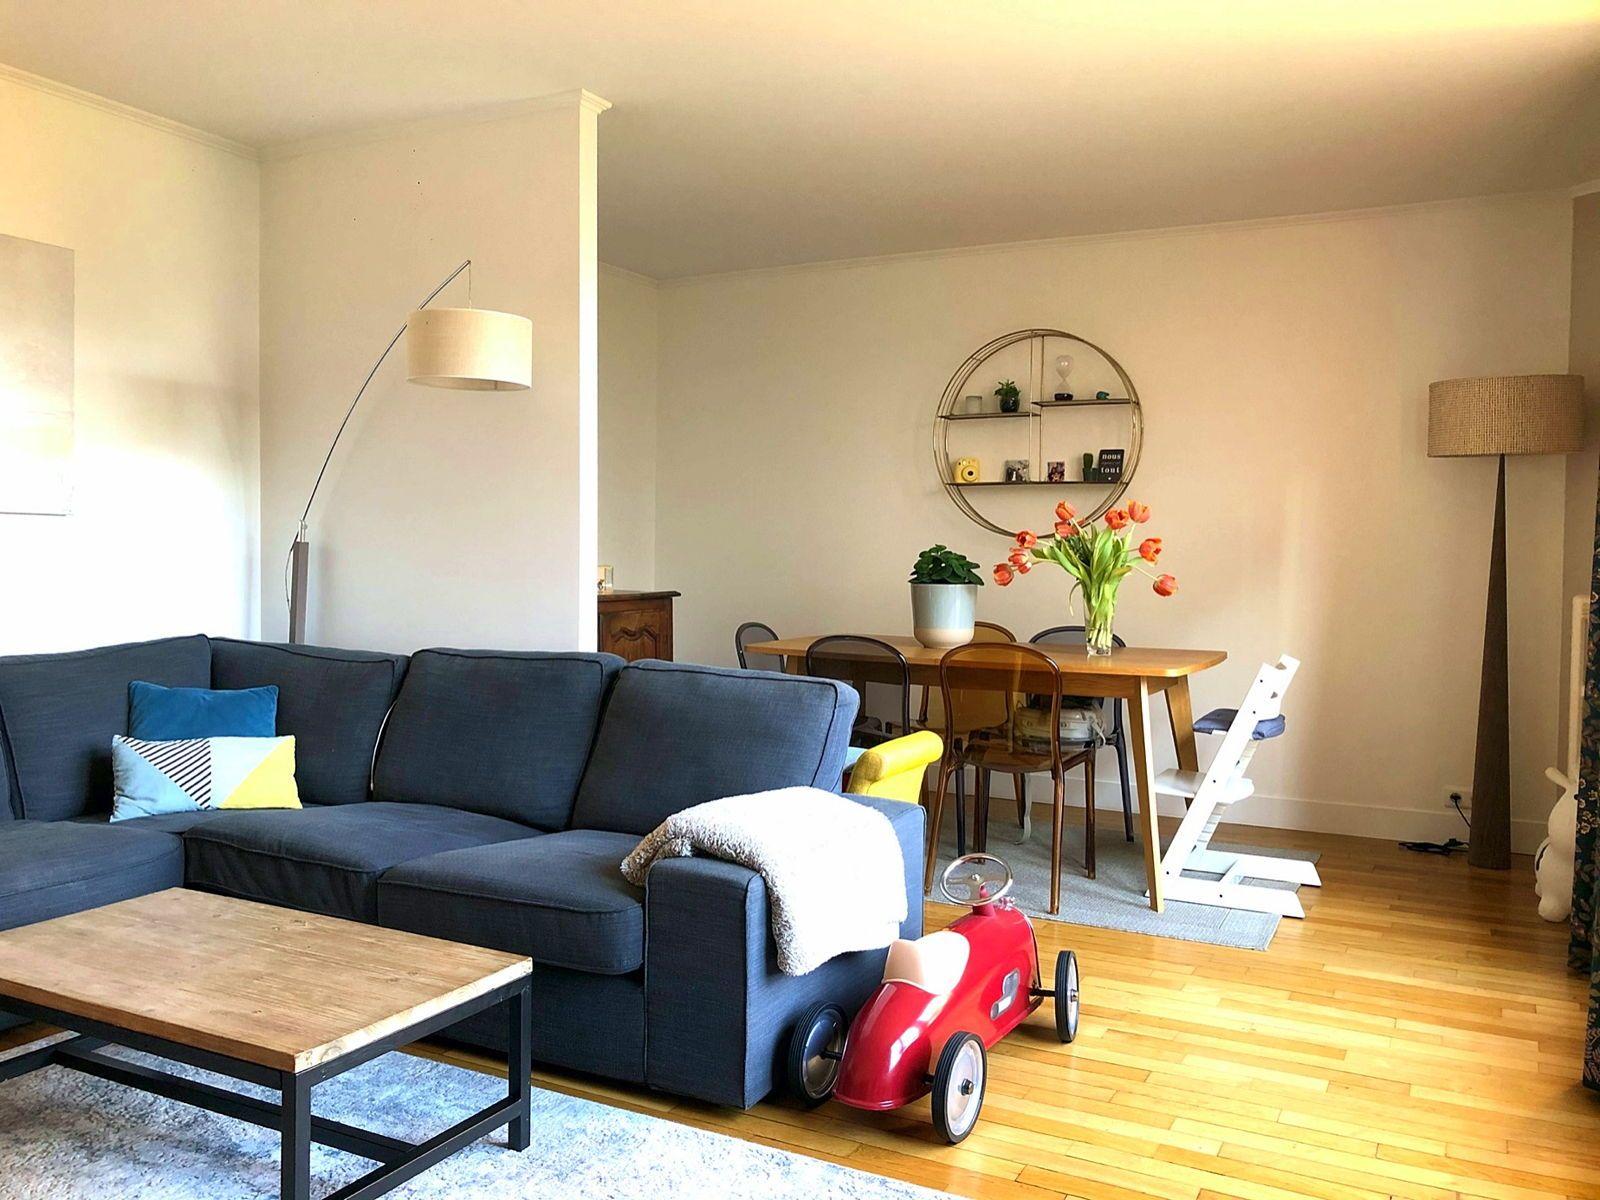 Vends appartement F3/4- 65m², quartier mairie/comète, Asnières-sur-Seine (92)